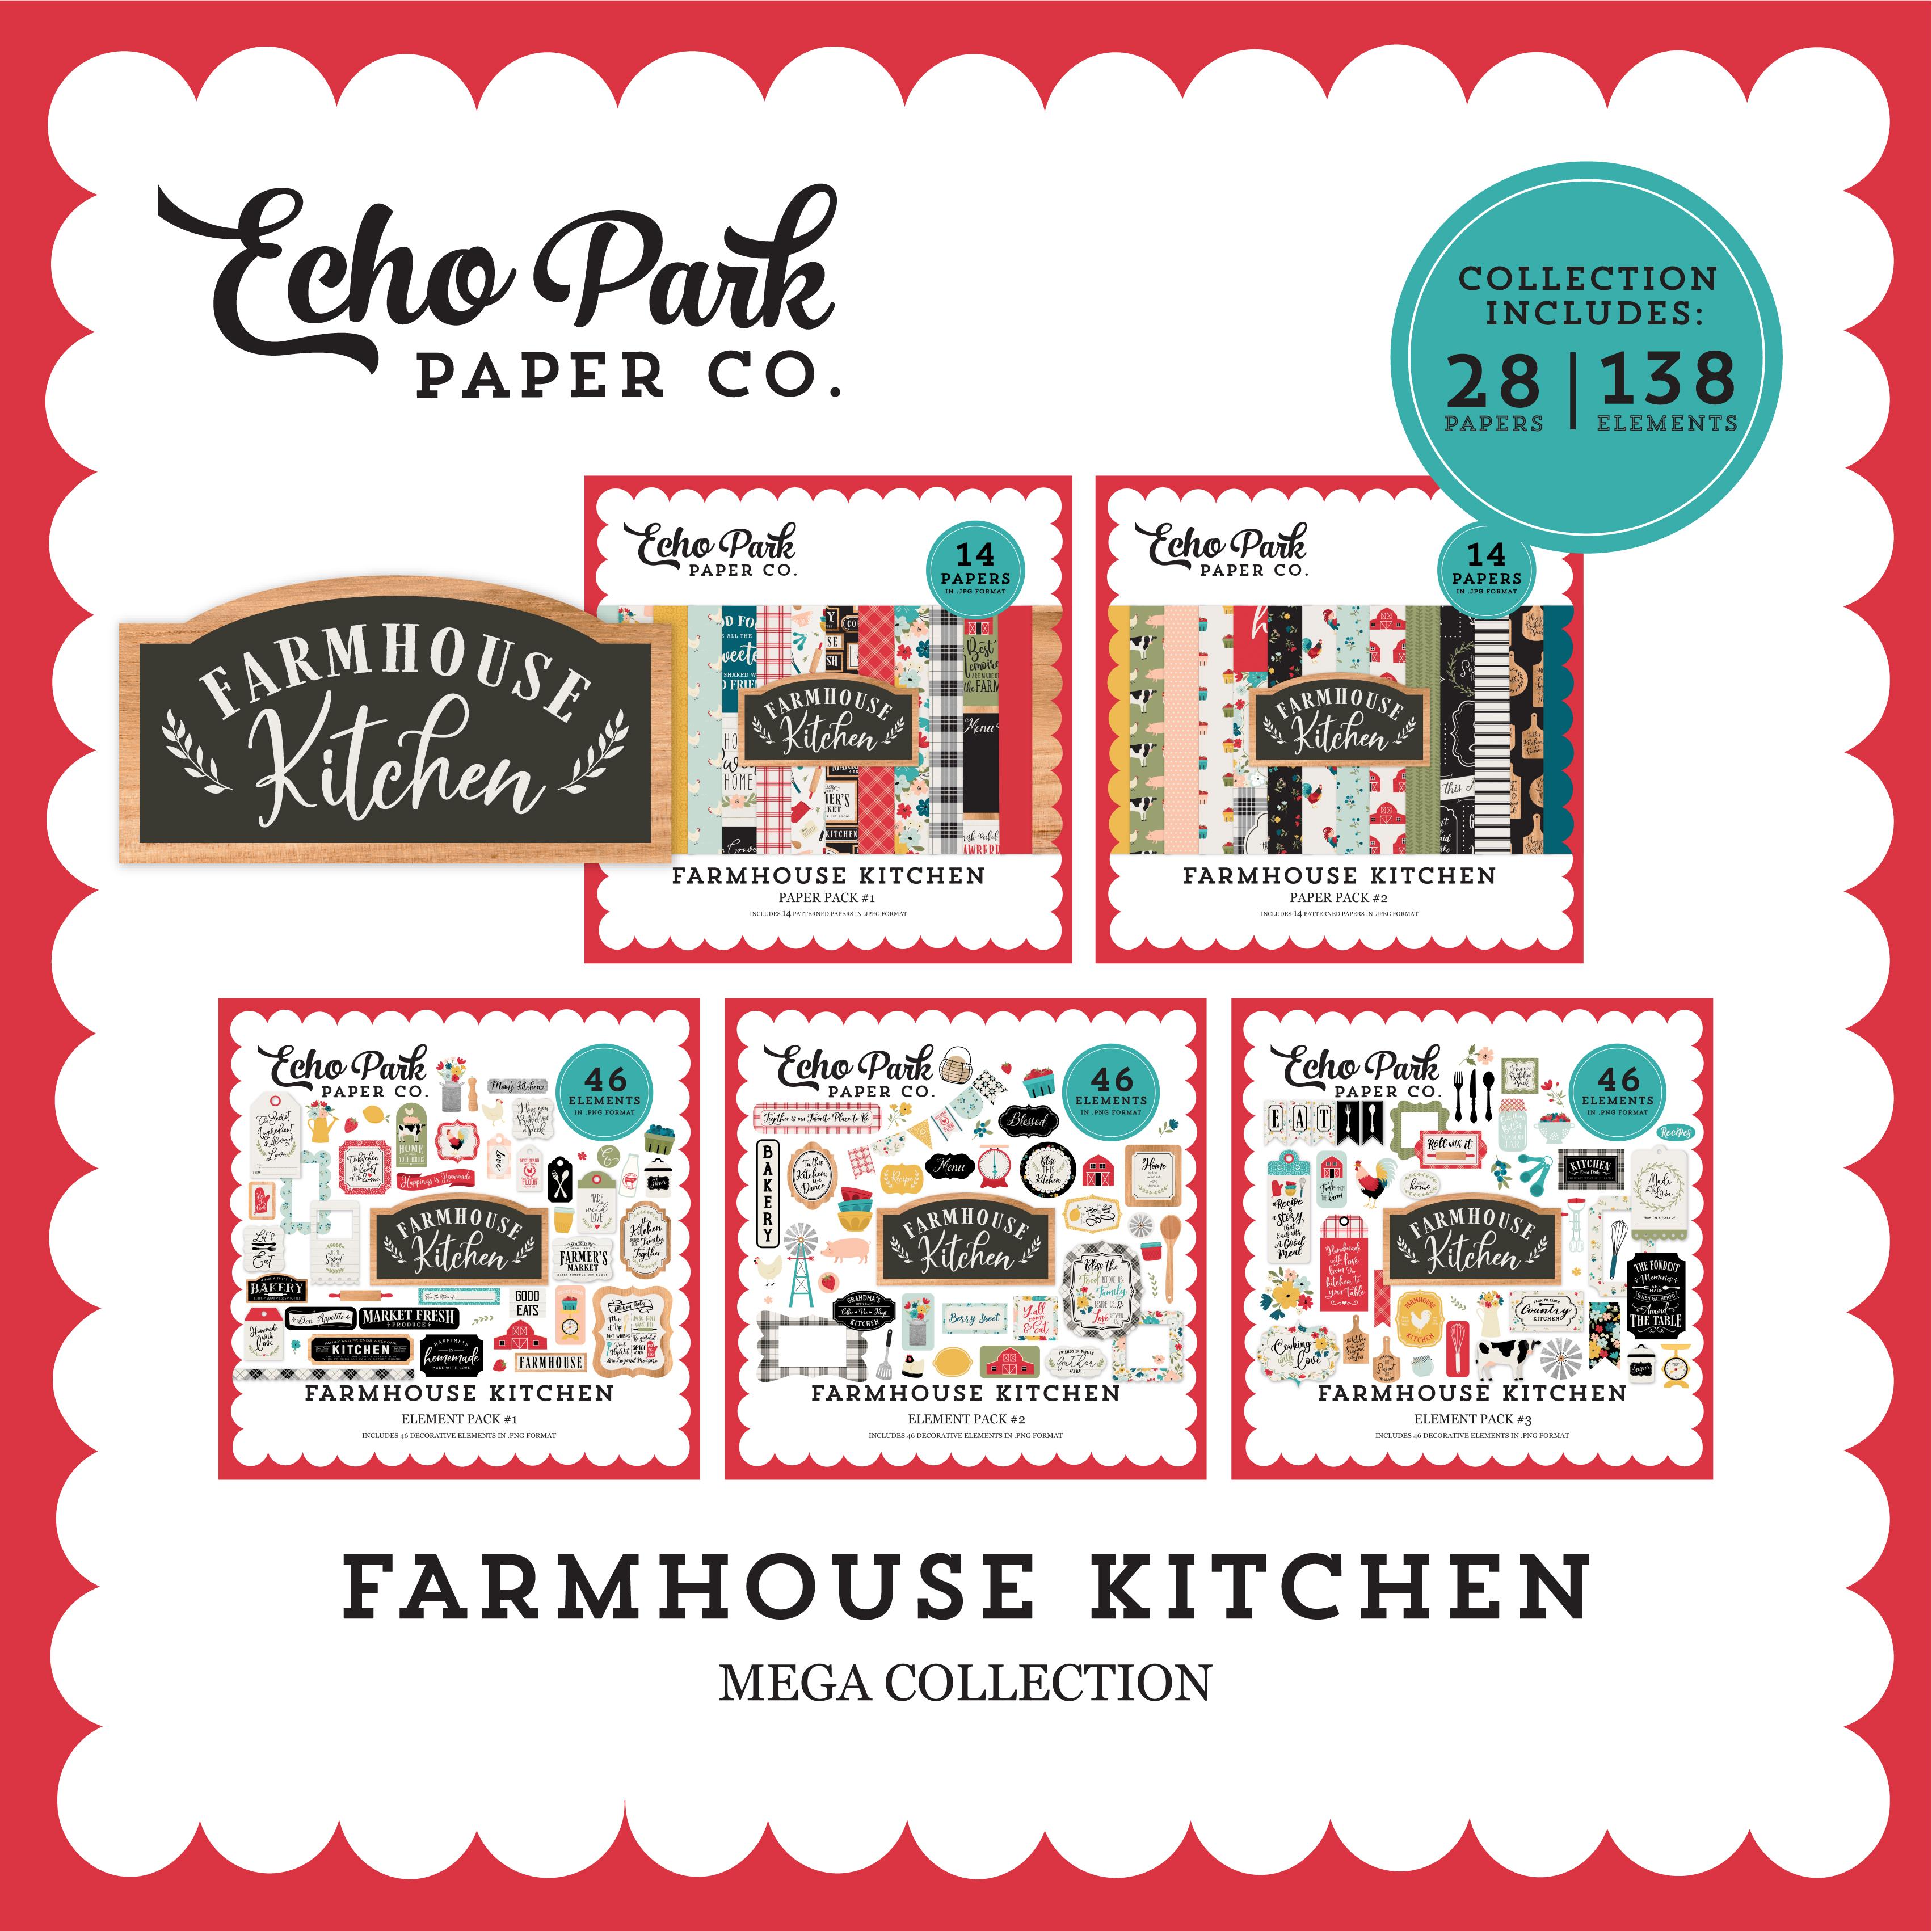 Farmhouse Kitchen Mega Collection